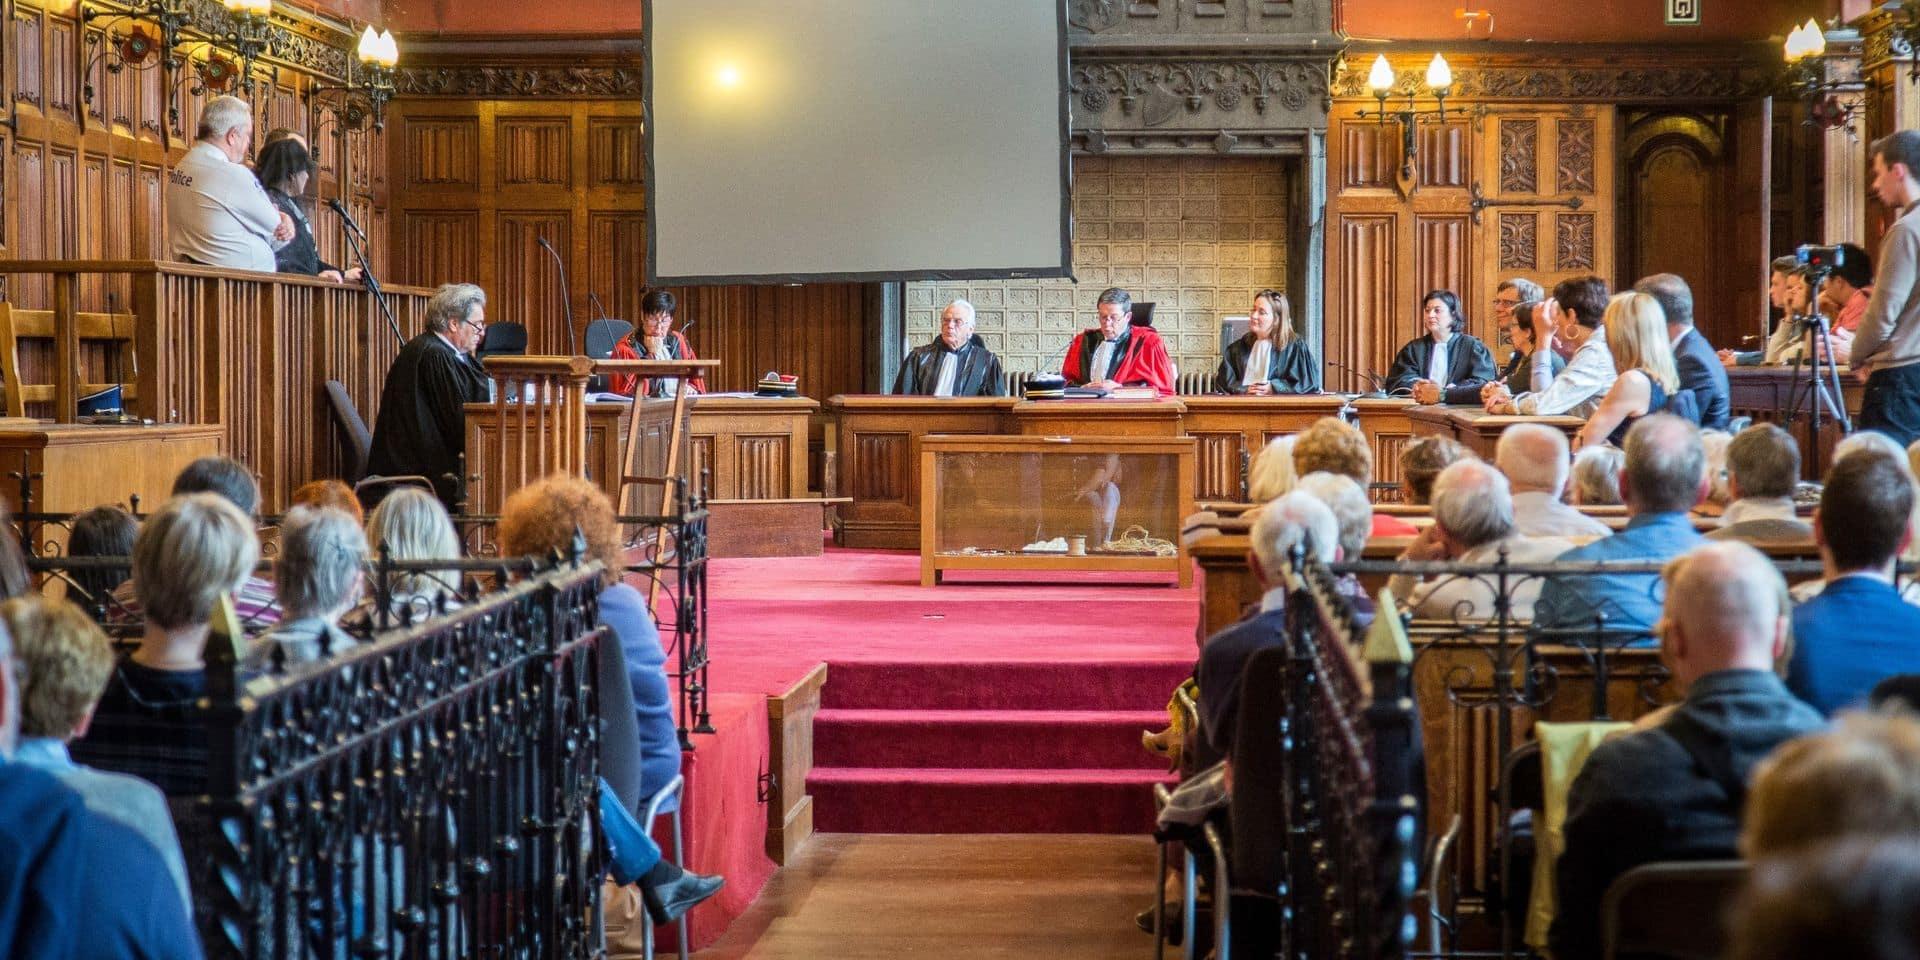 Assises Liège : le médecin légiste confirme que la victime a été égorgée de deux coups de couteau